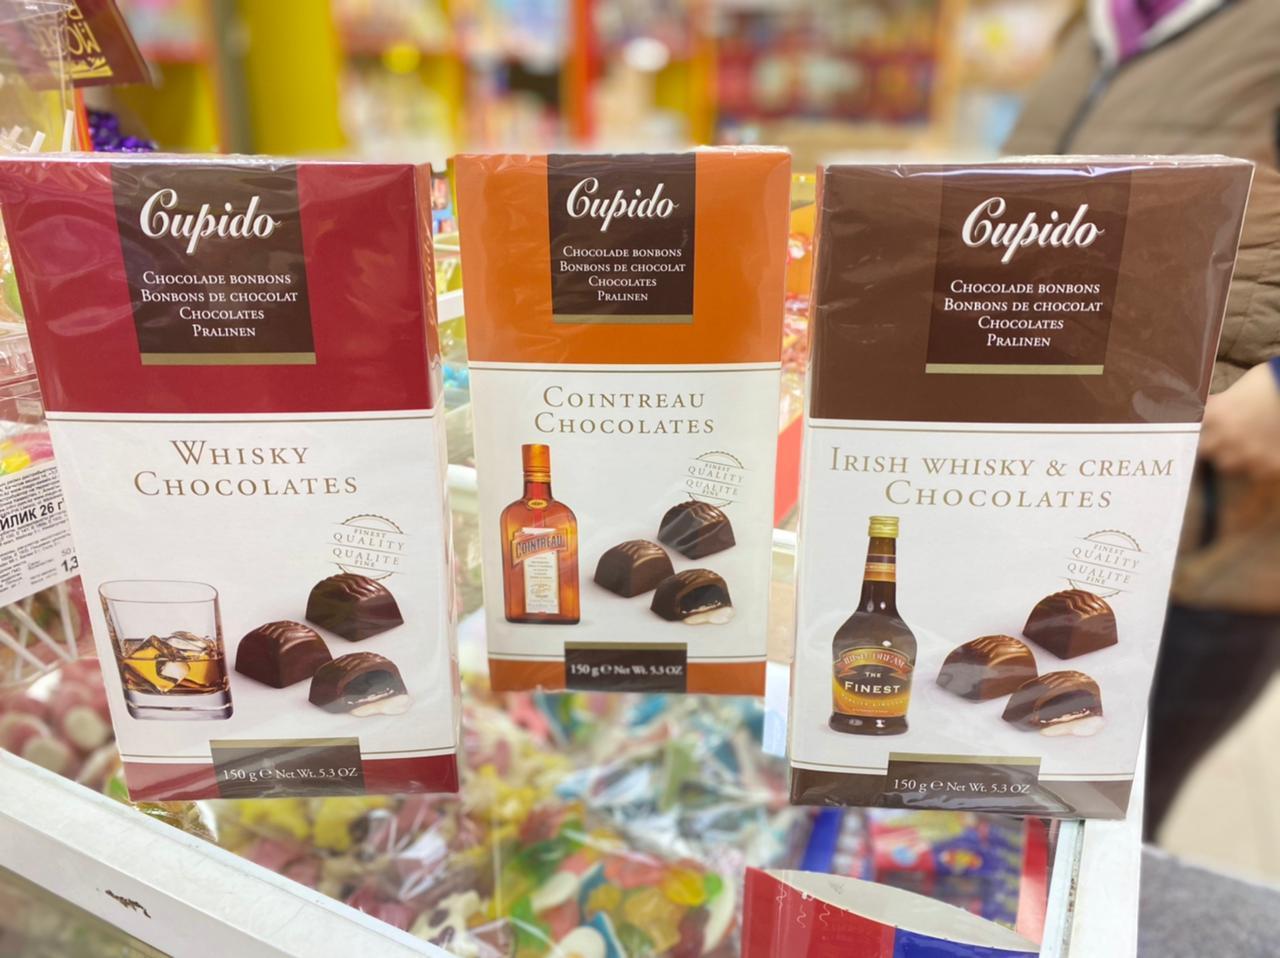 Cupido конфеты шоколадные 150гр.  (Бельгийский шоколад)